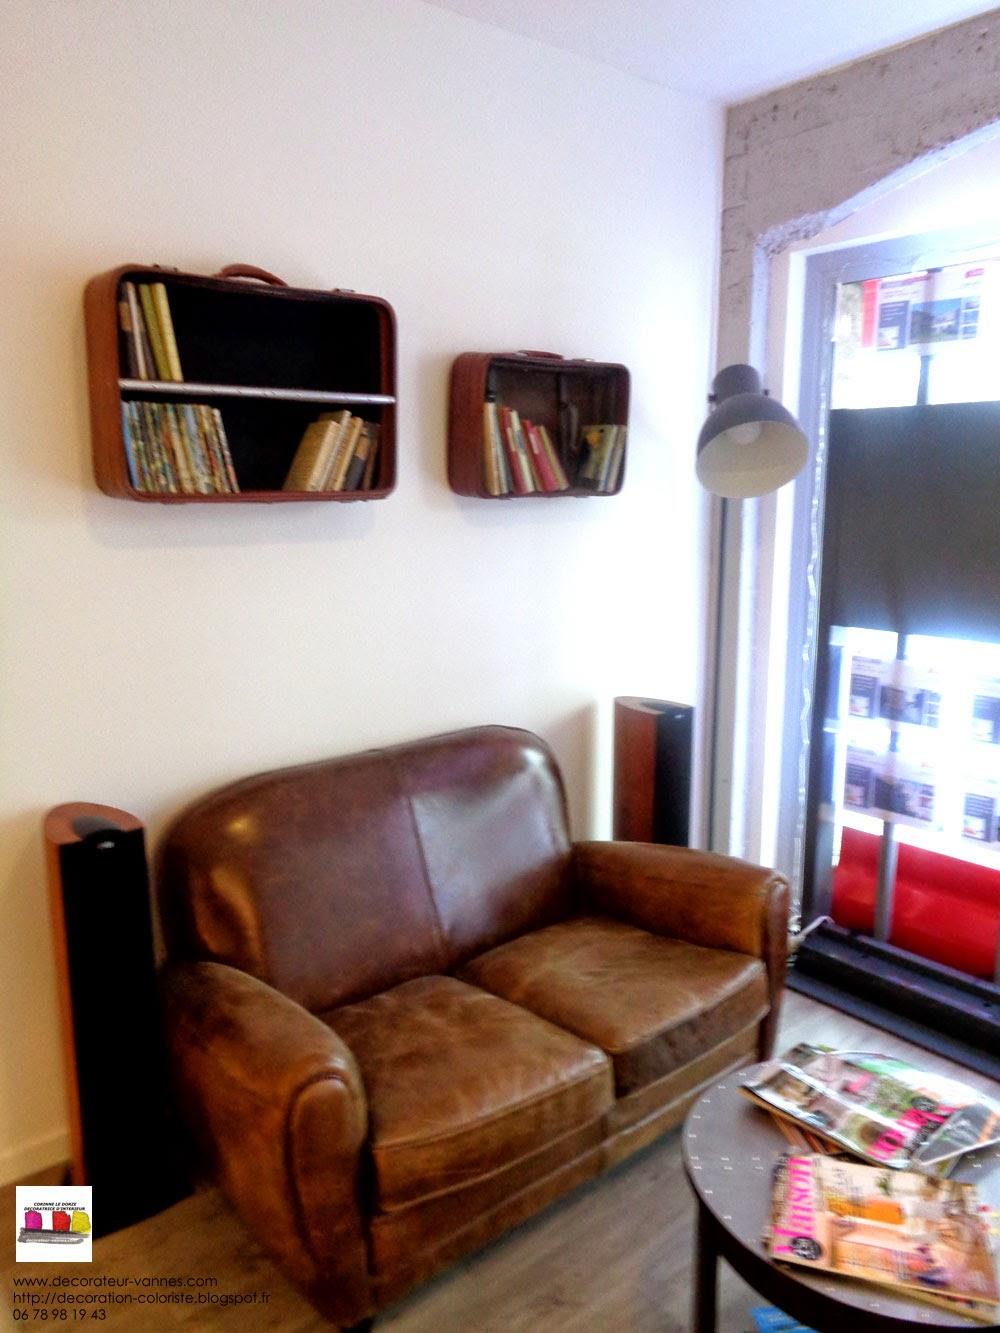 corinne le dorze d coratrice architecte d 39 int rieur vannes. Black Bedroom Furniture Sets. Home Design Ideas